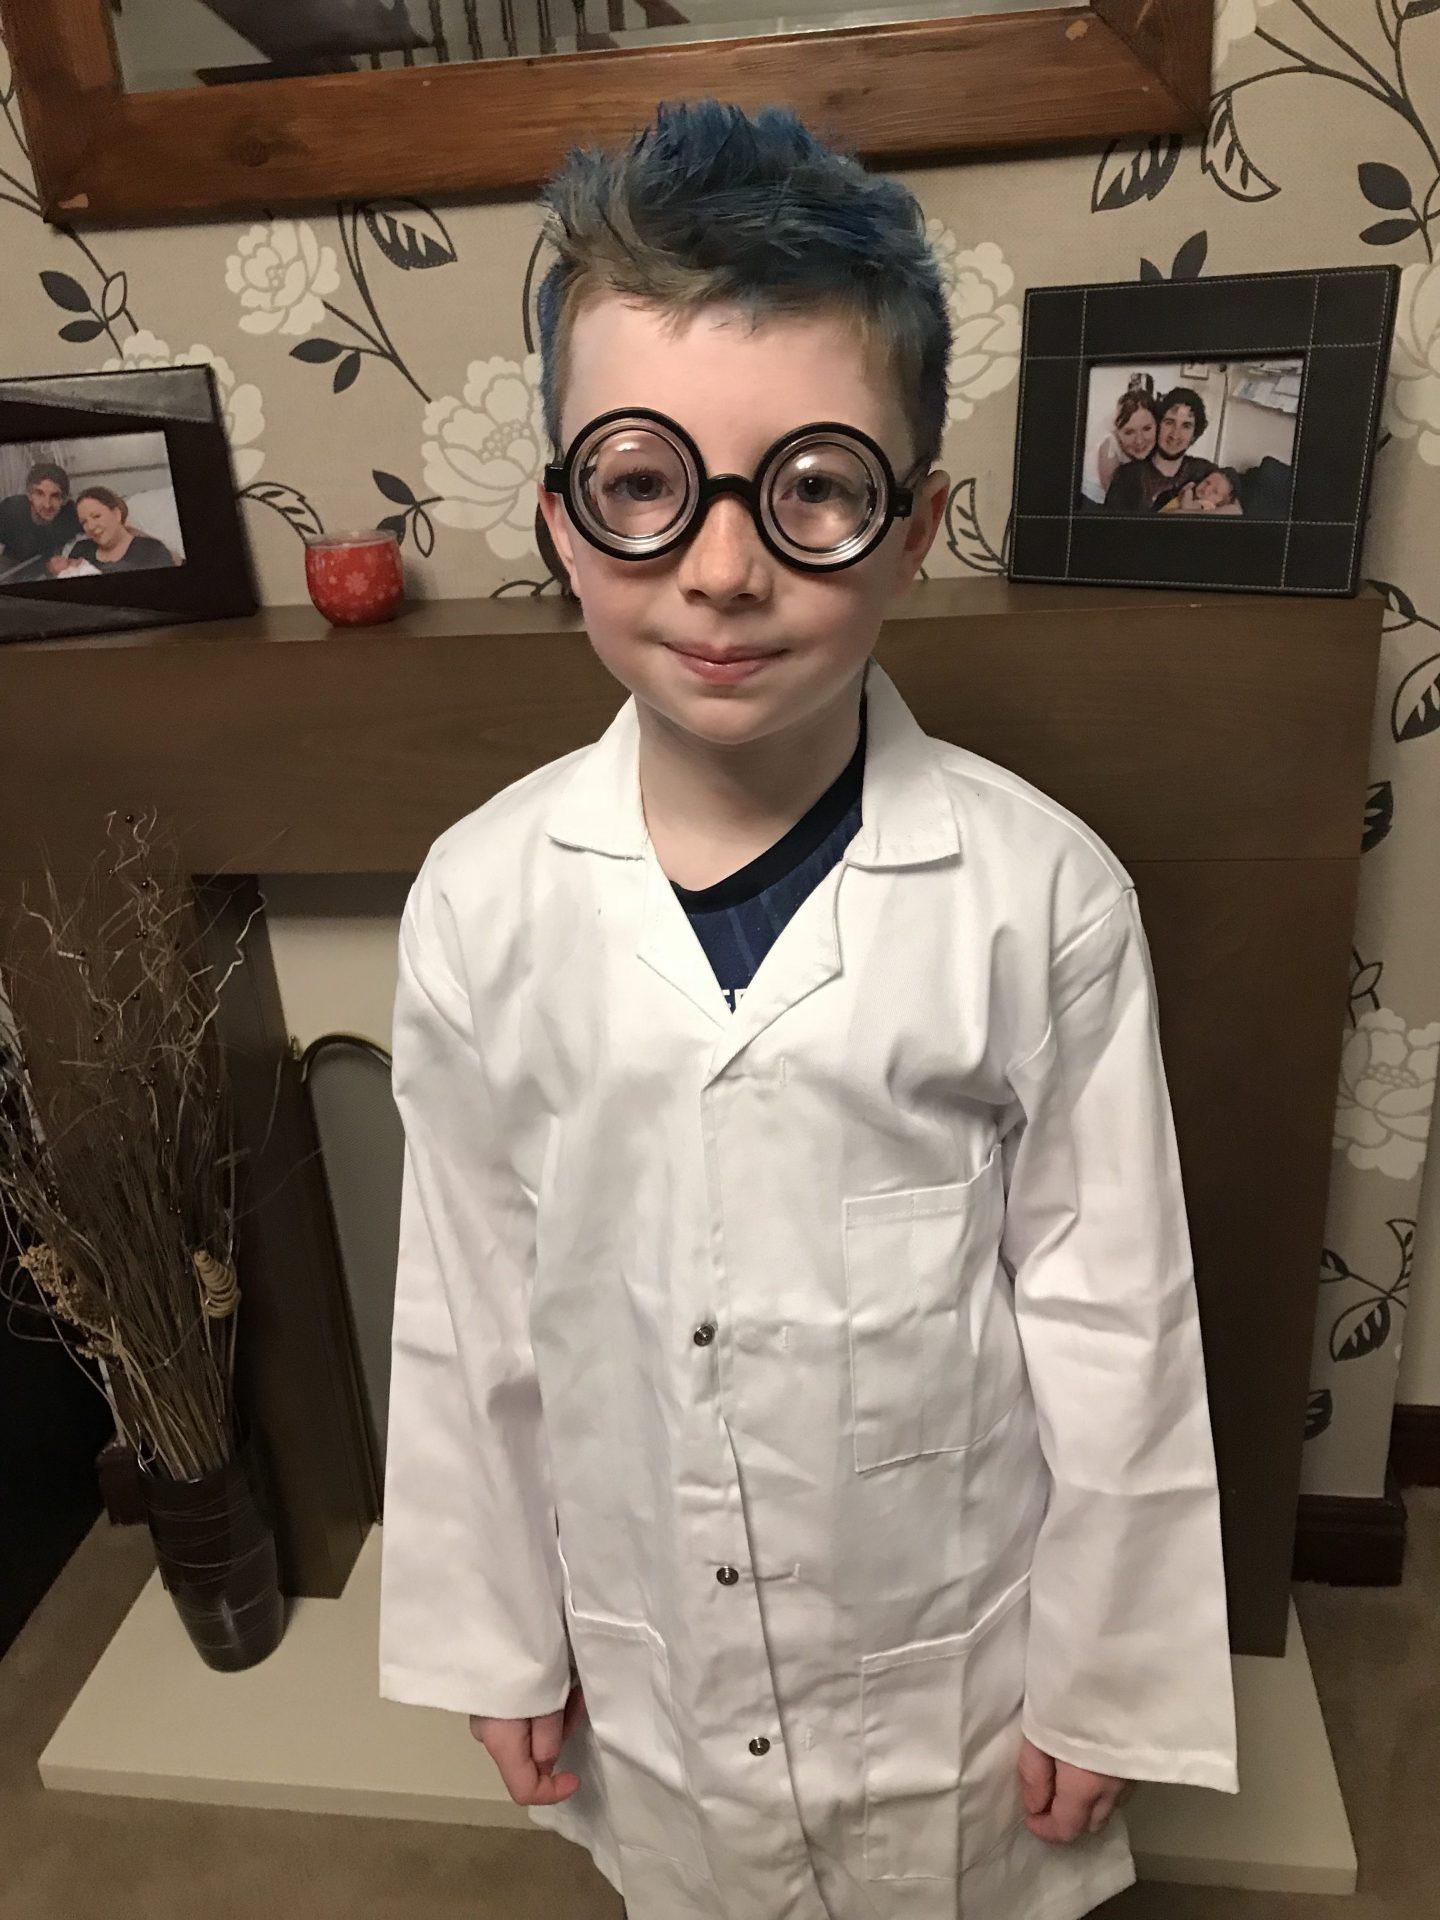 #LittleLoves – Mad Scientists, Super Heroes & Pantomime